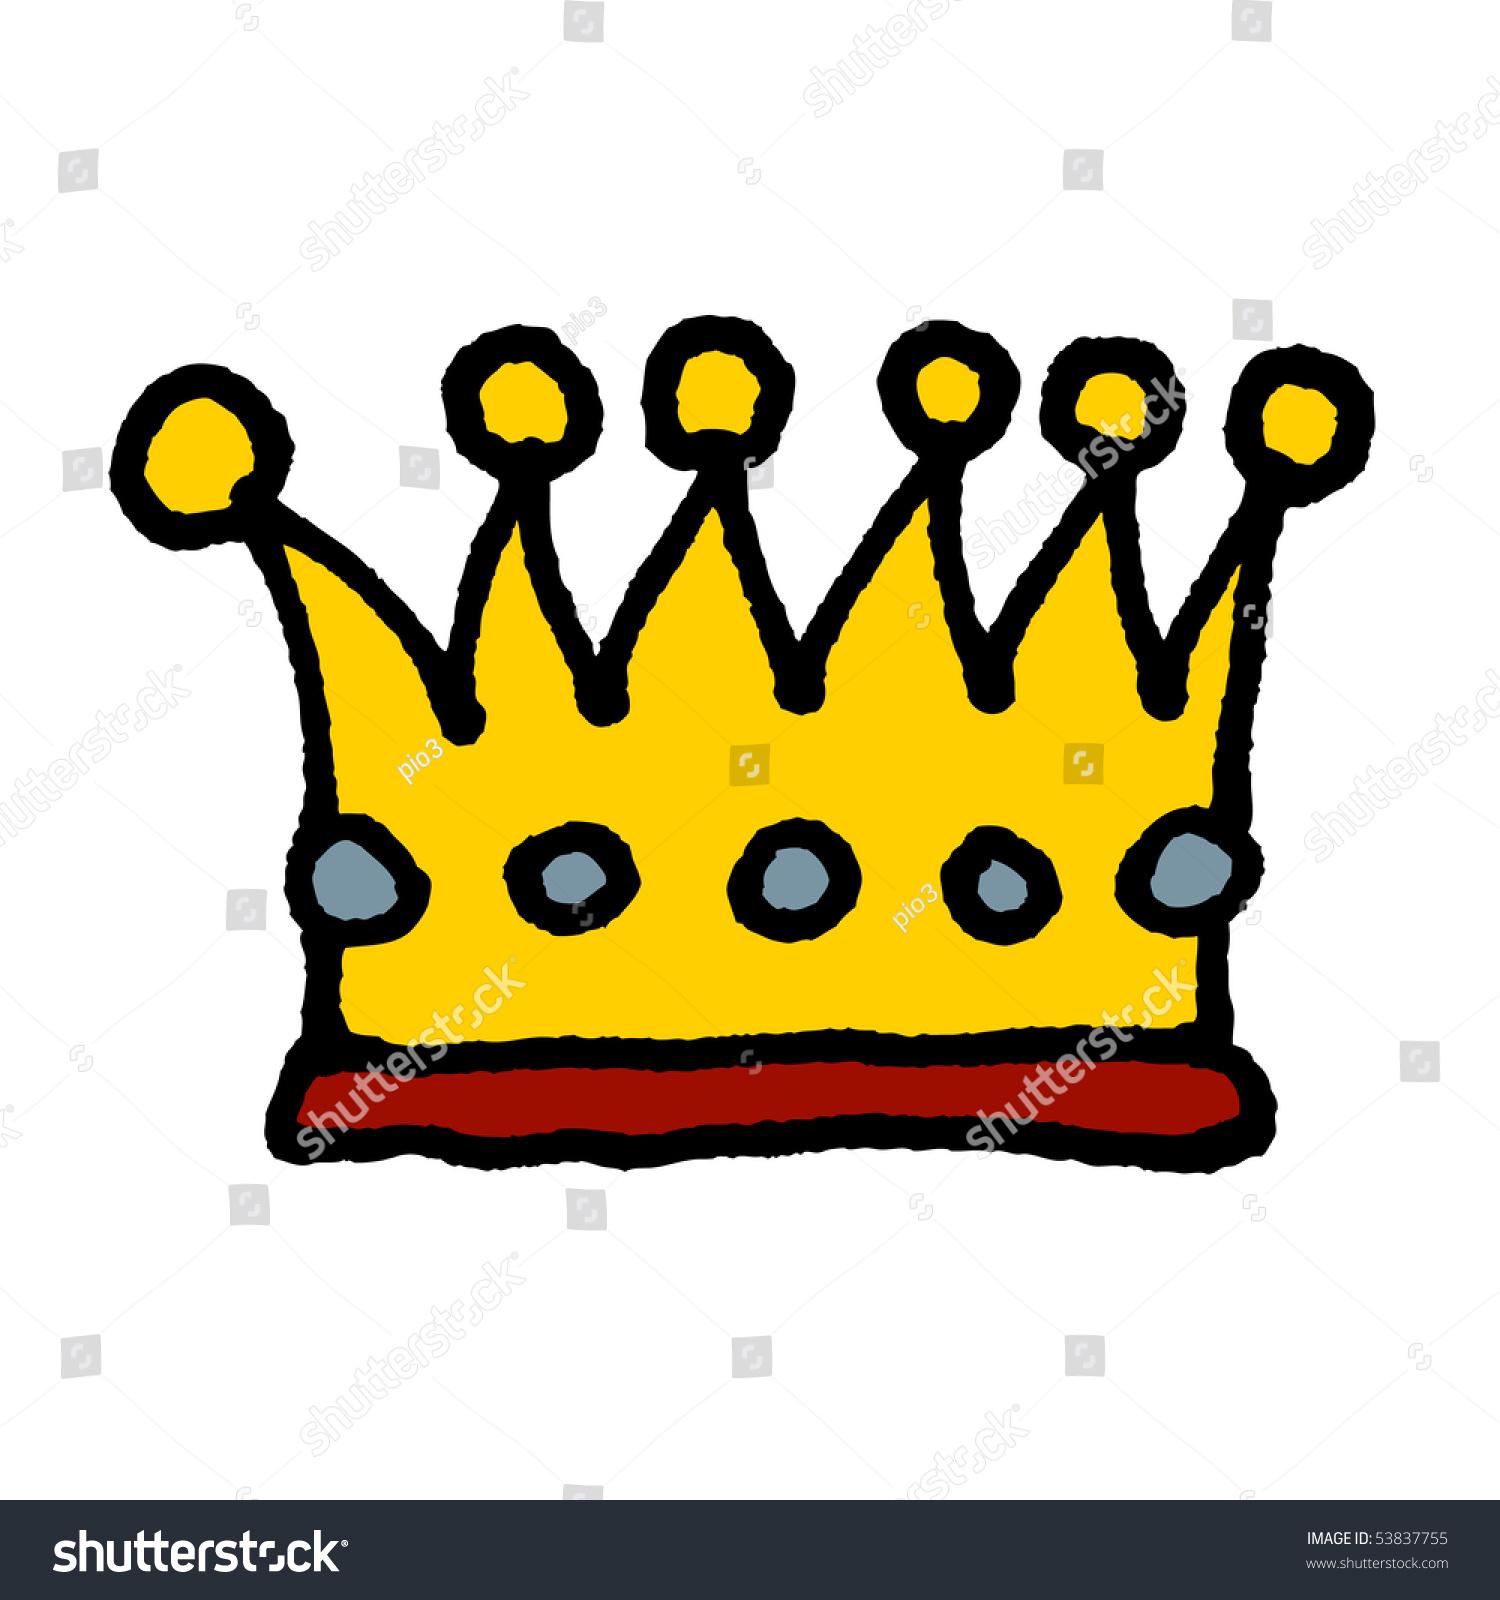 微信头像皇冠女王卡通